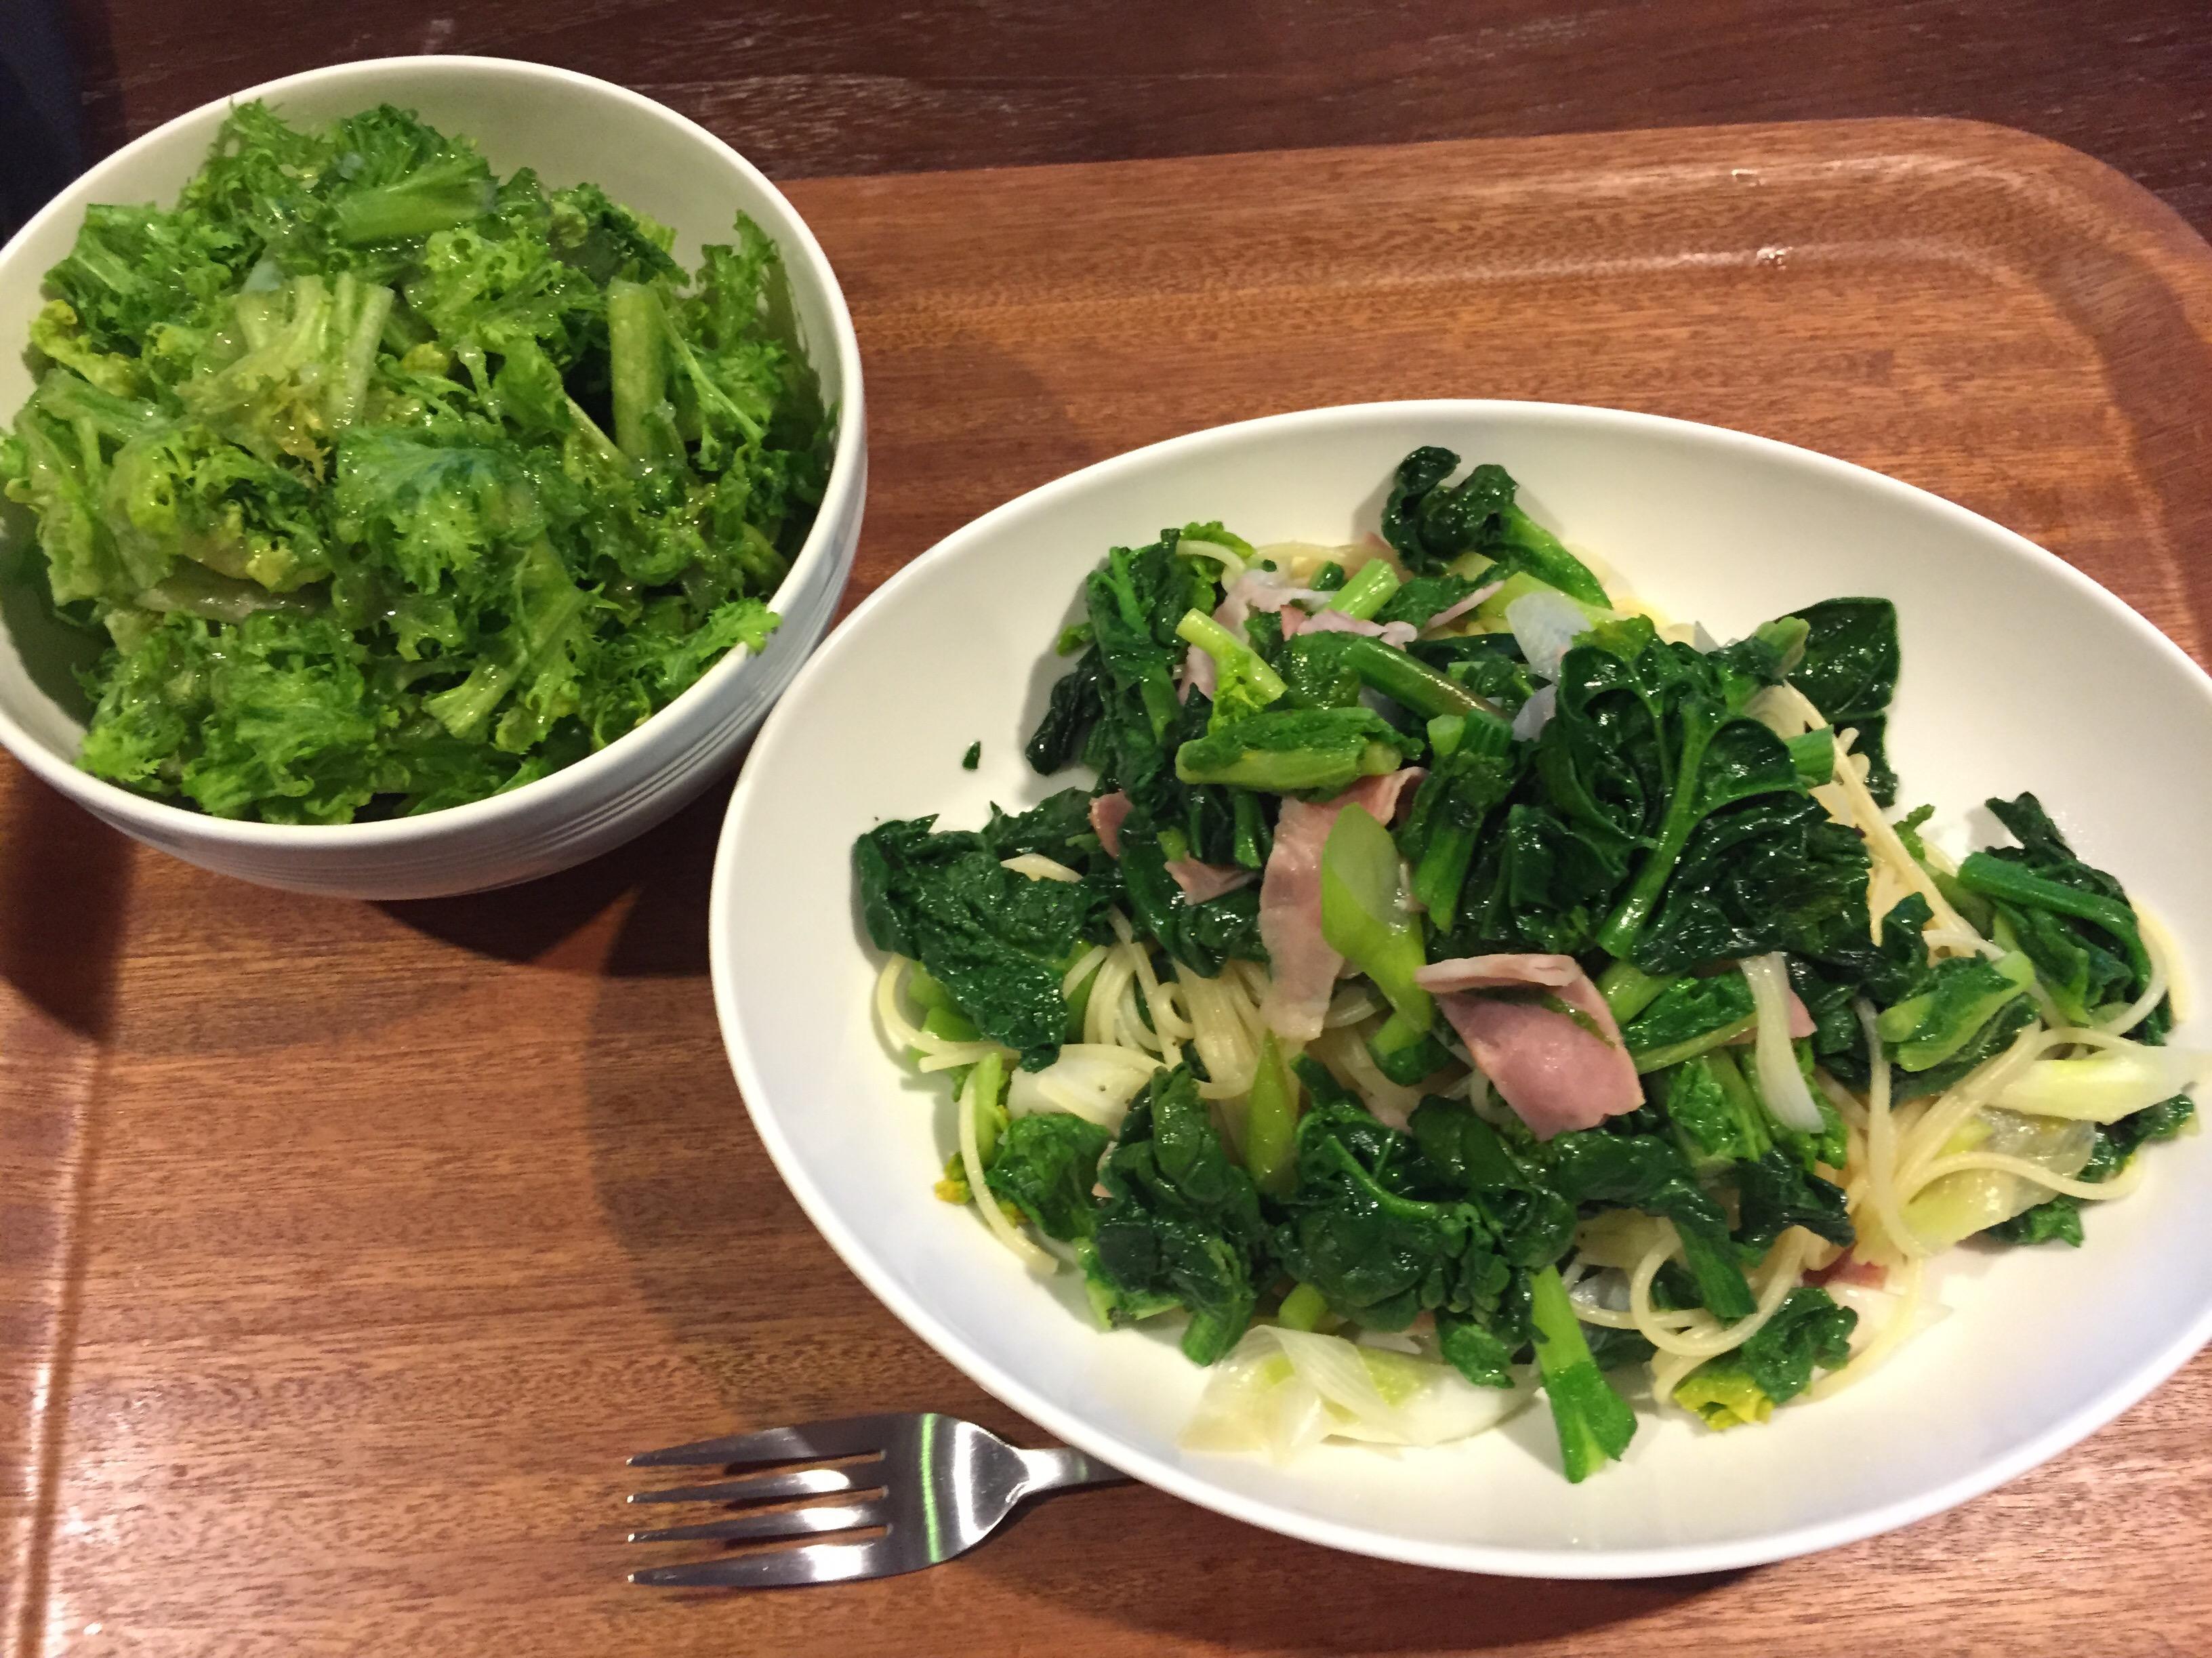 菜の花・ちぢみほうれん草のパスタとわさび菜